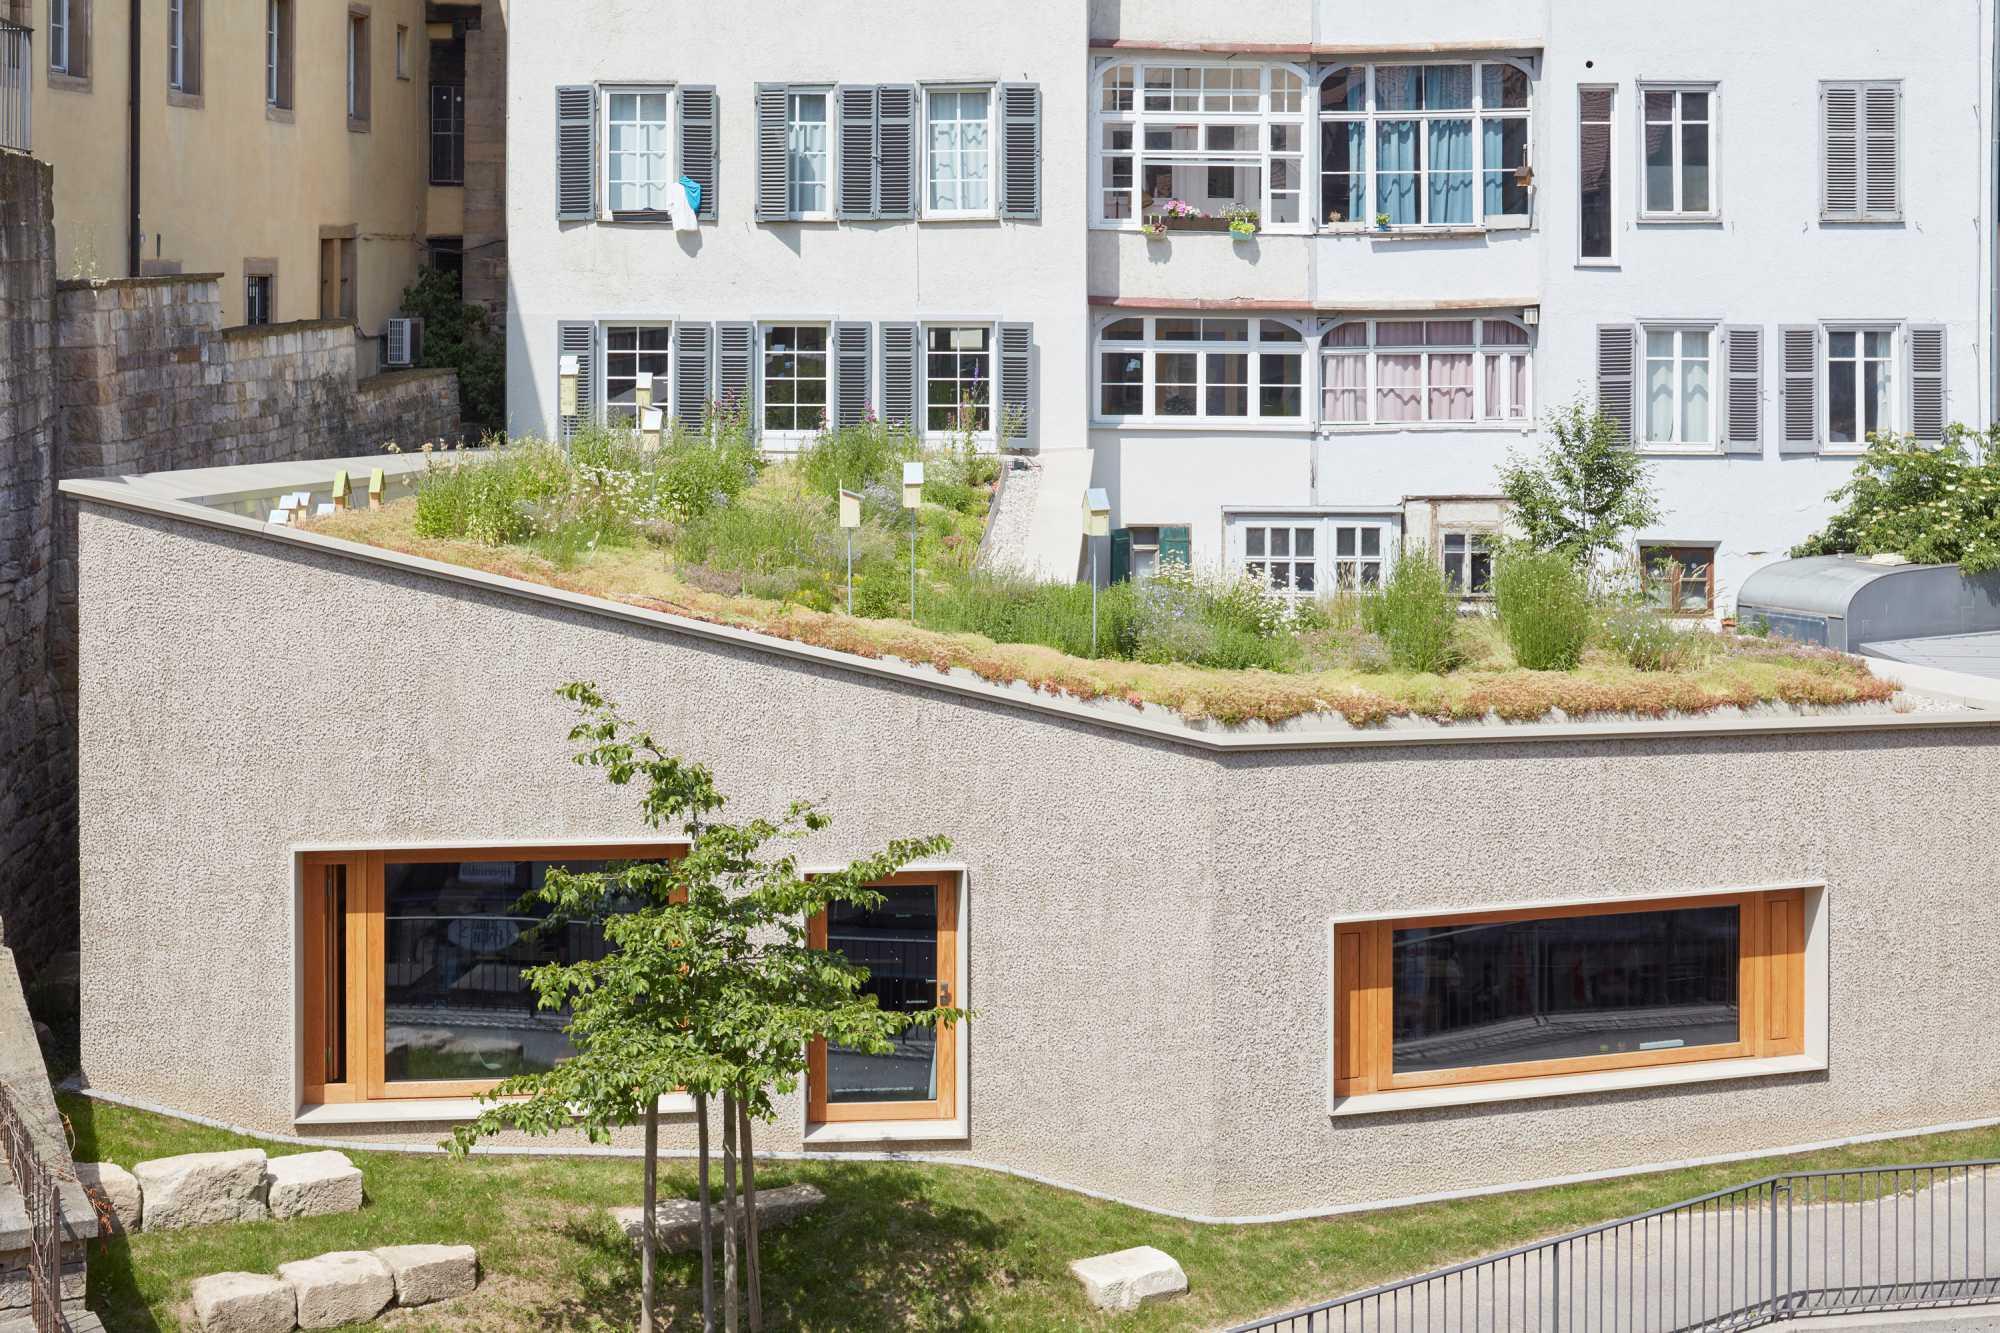 archello veröffentlicht unser Büro in der Tübinger Altstadt ({project_images:field_row_count})